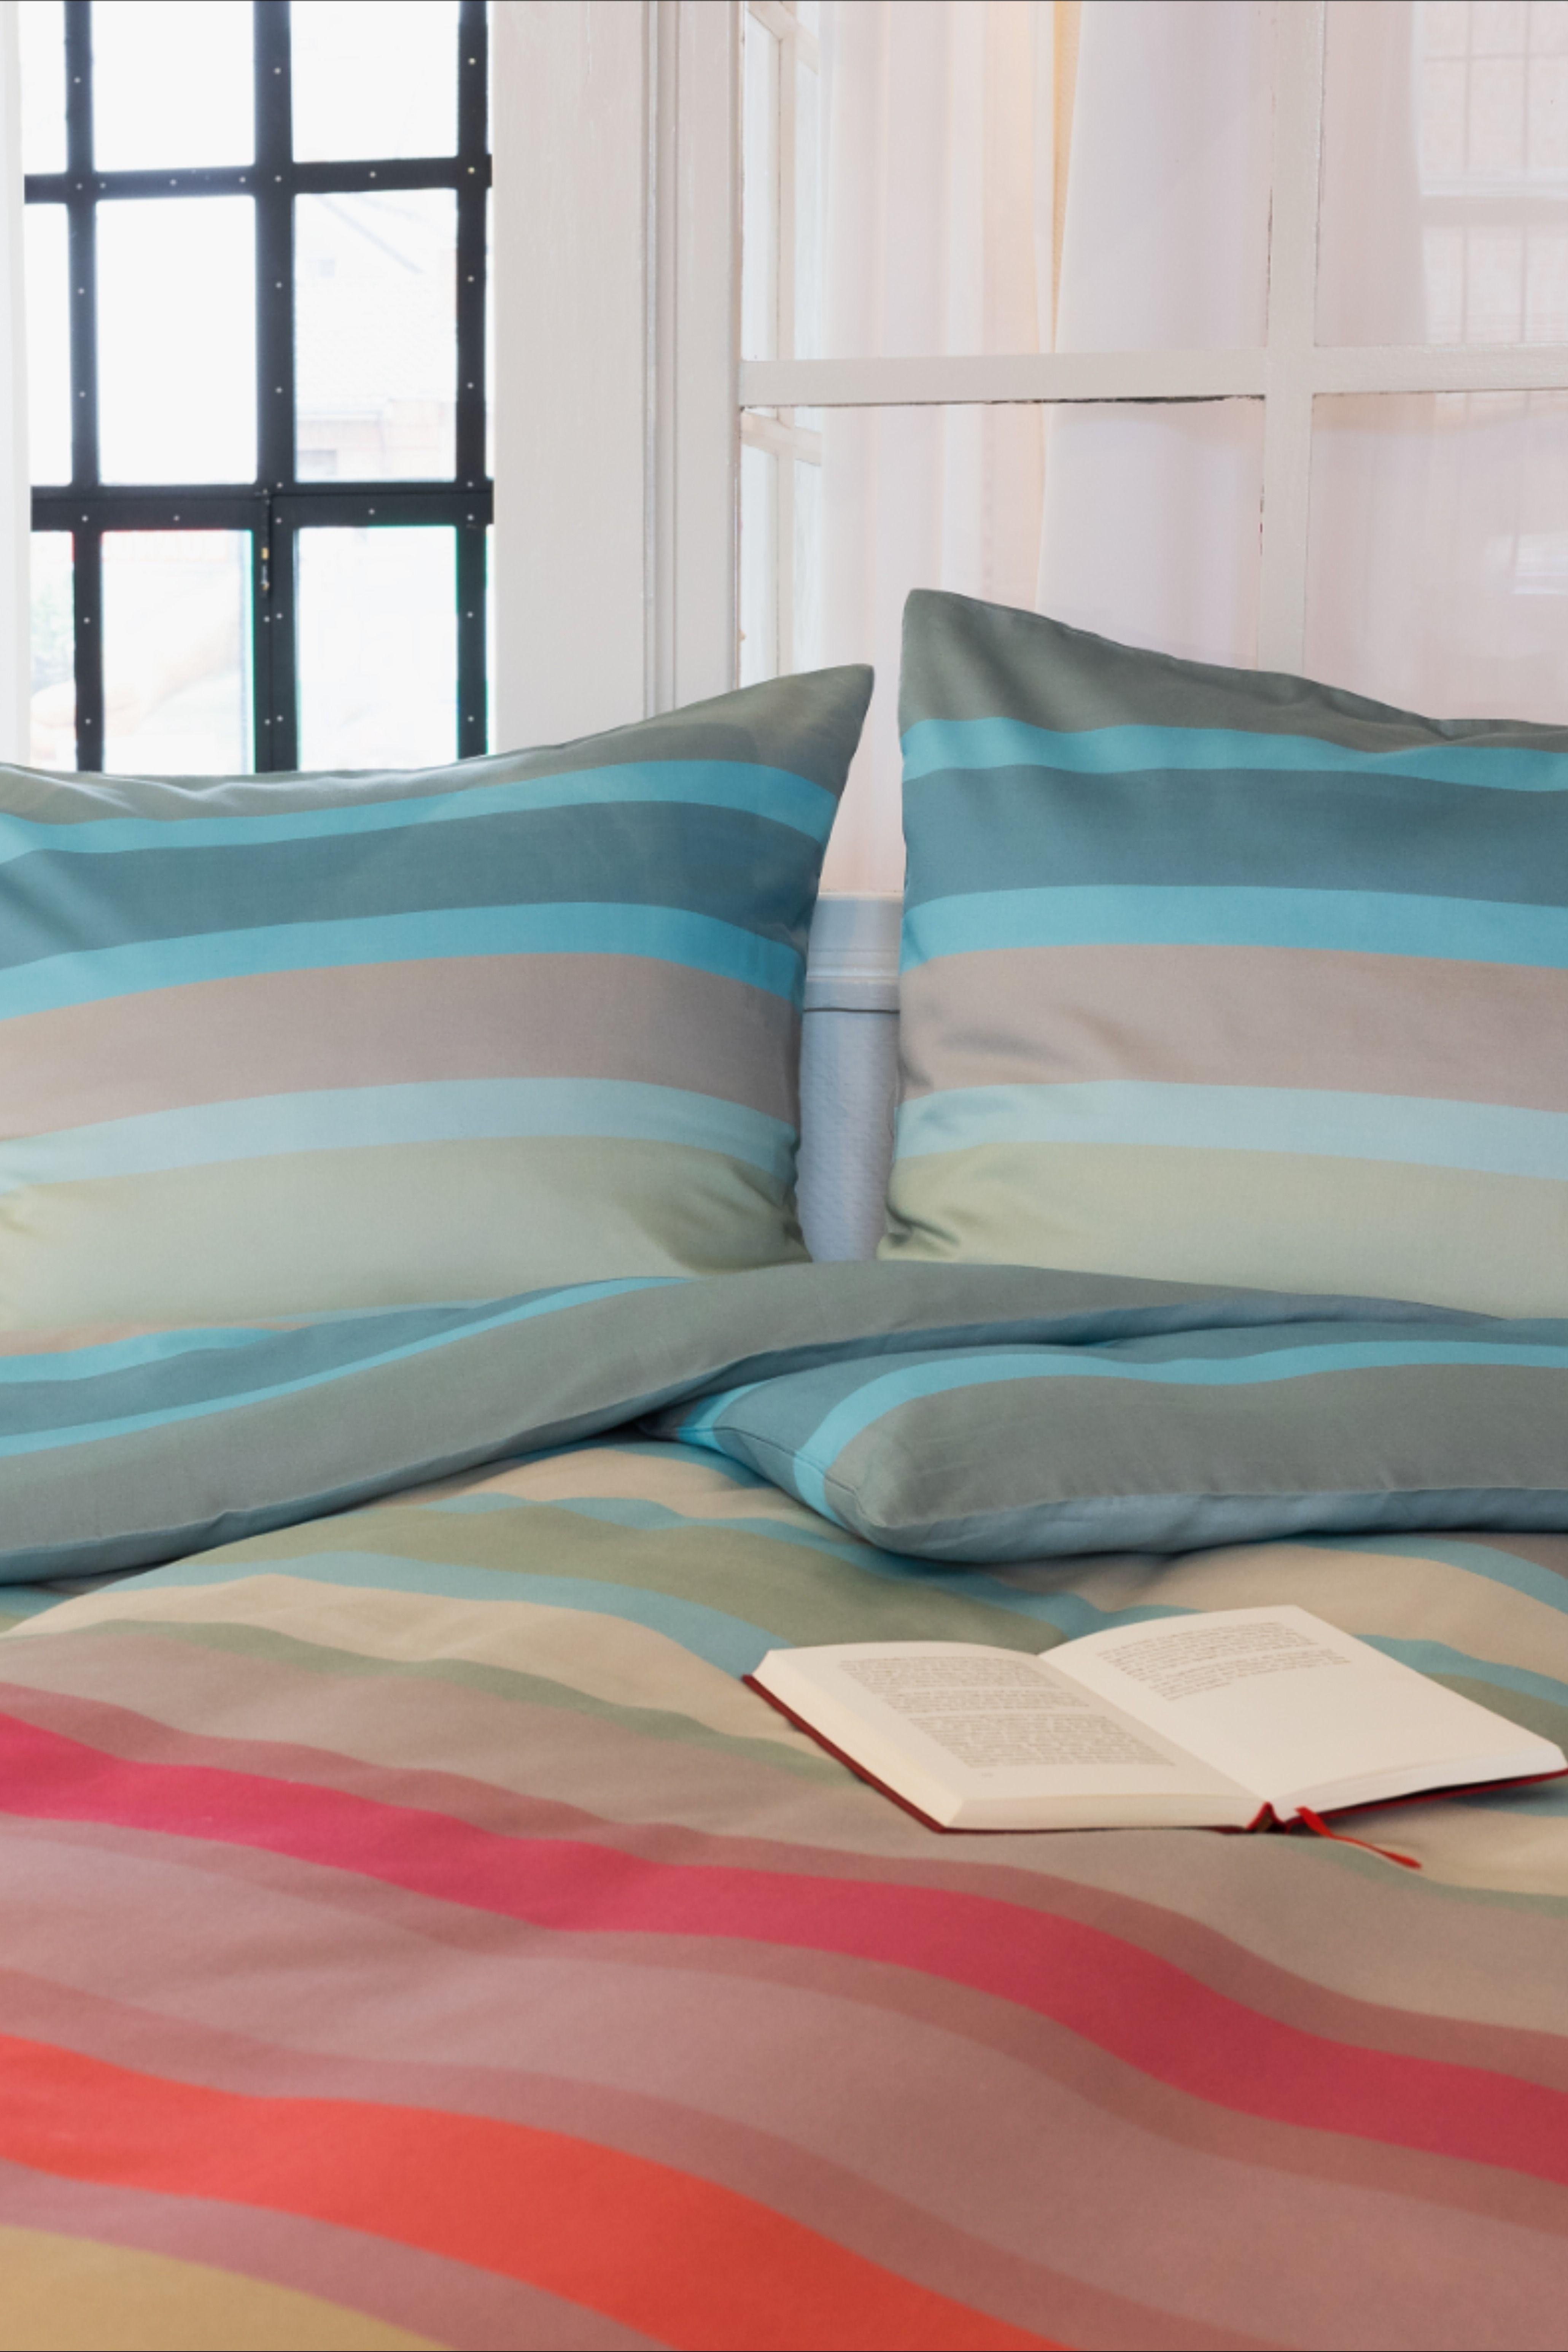 #bettwäsche #bedlinen #schlafzimmer #interior #interiordesign #bunt #streifen #bedroom #stripy #entspannen #auszeit #inspiration #bedroominspiration #christmas #weihnachten #gechenke